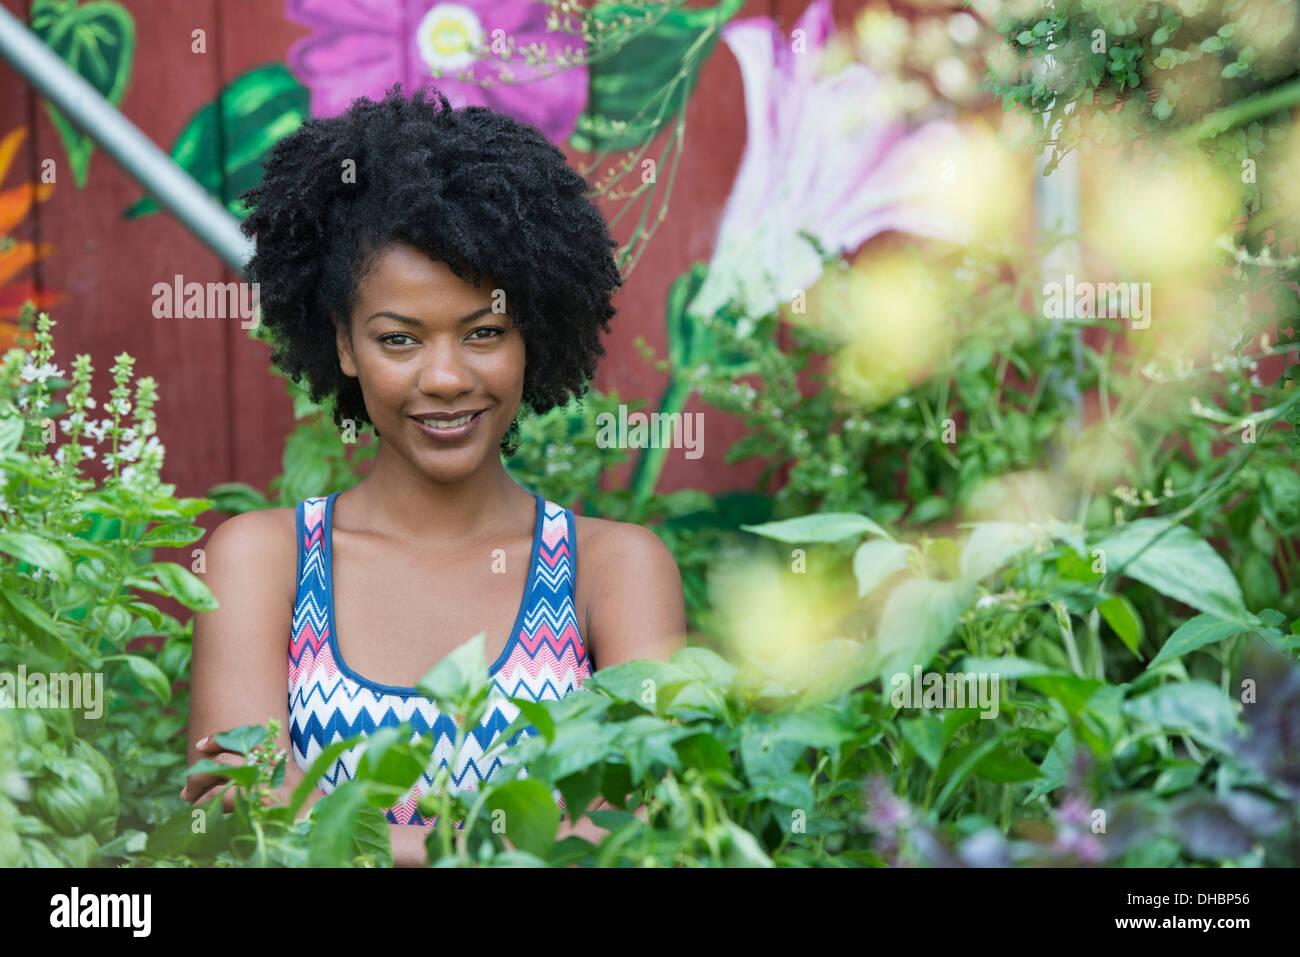 Una mujer de pie en un vivero de plantas, rodeado de plantas, flores y follaje. Imagen De Stock